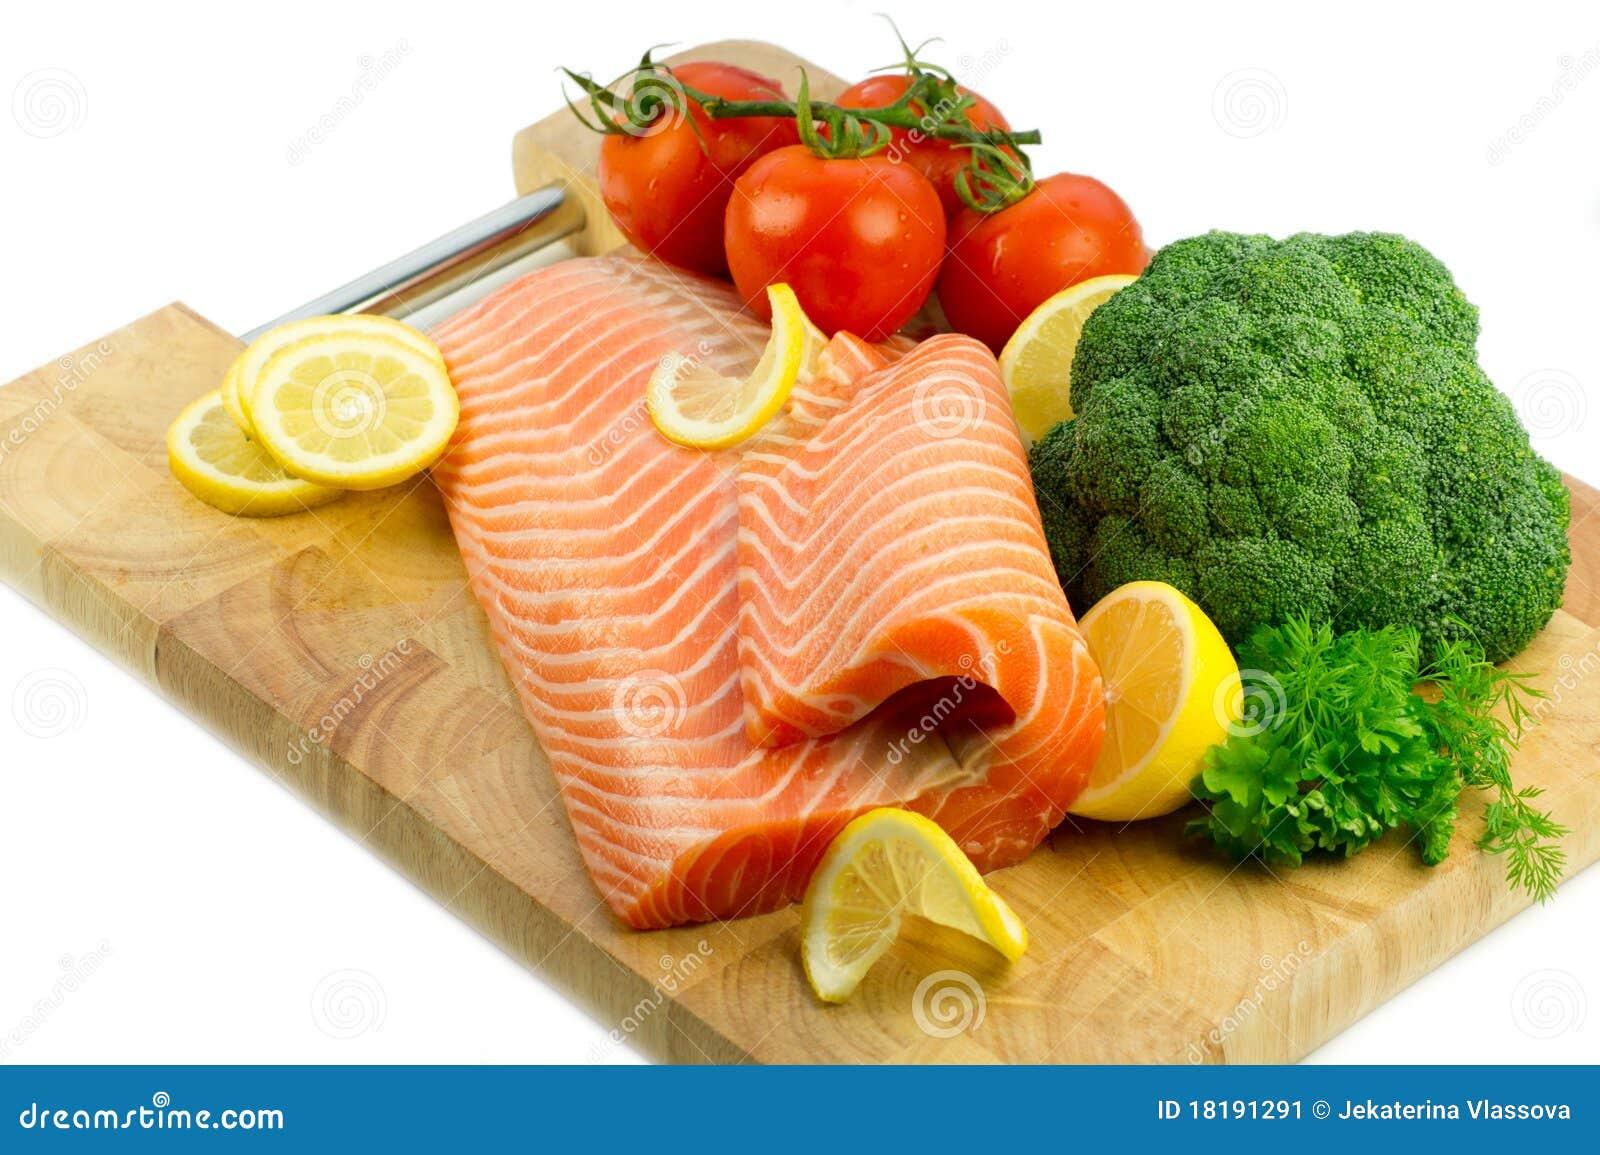 низкоуглеводная диета меню на неделю для мужчин